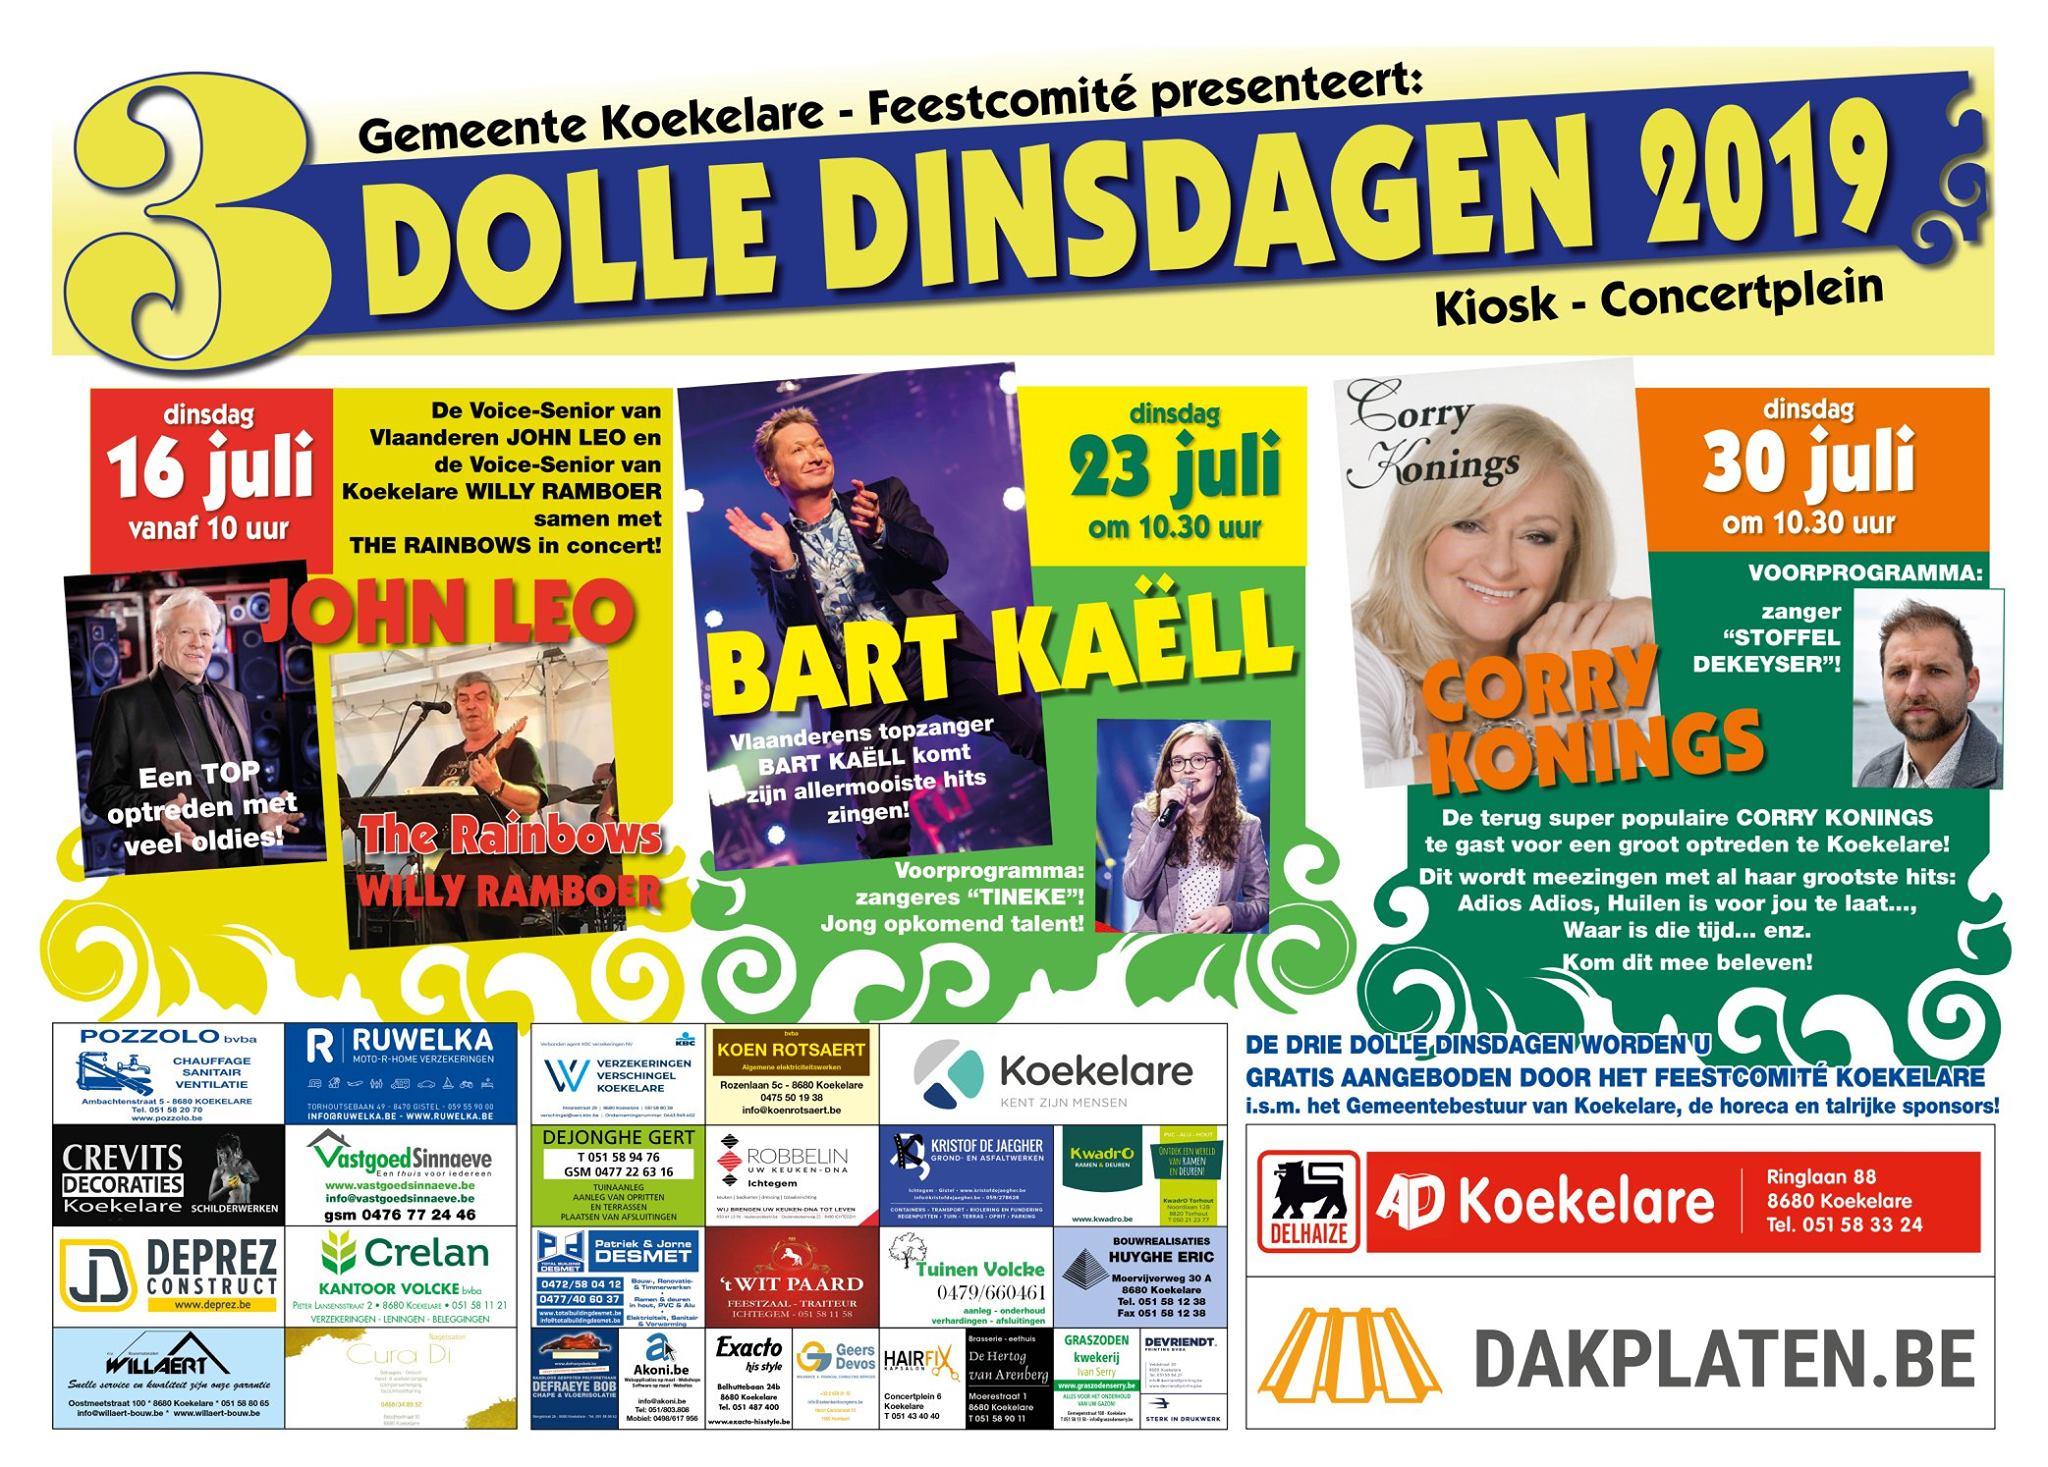 Dolle dinsdagen Koekelare - affiche